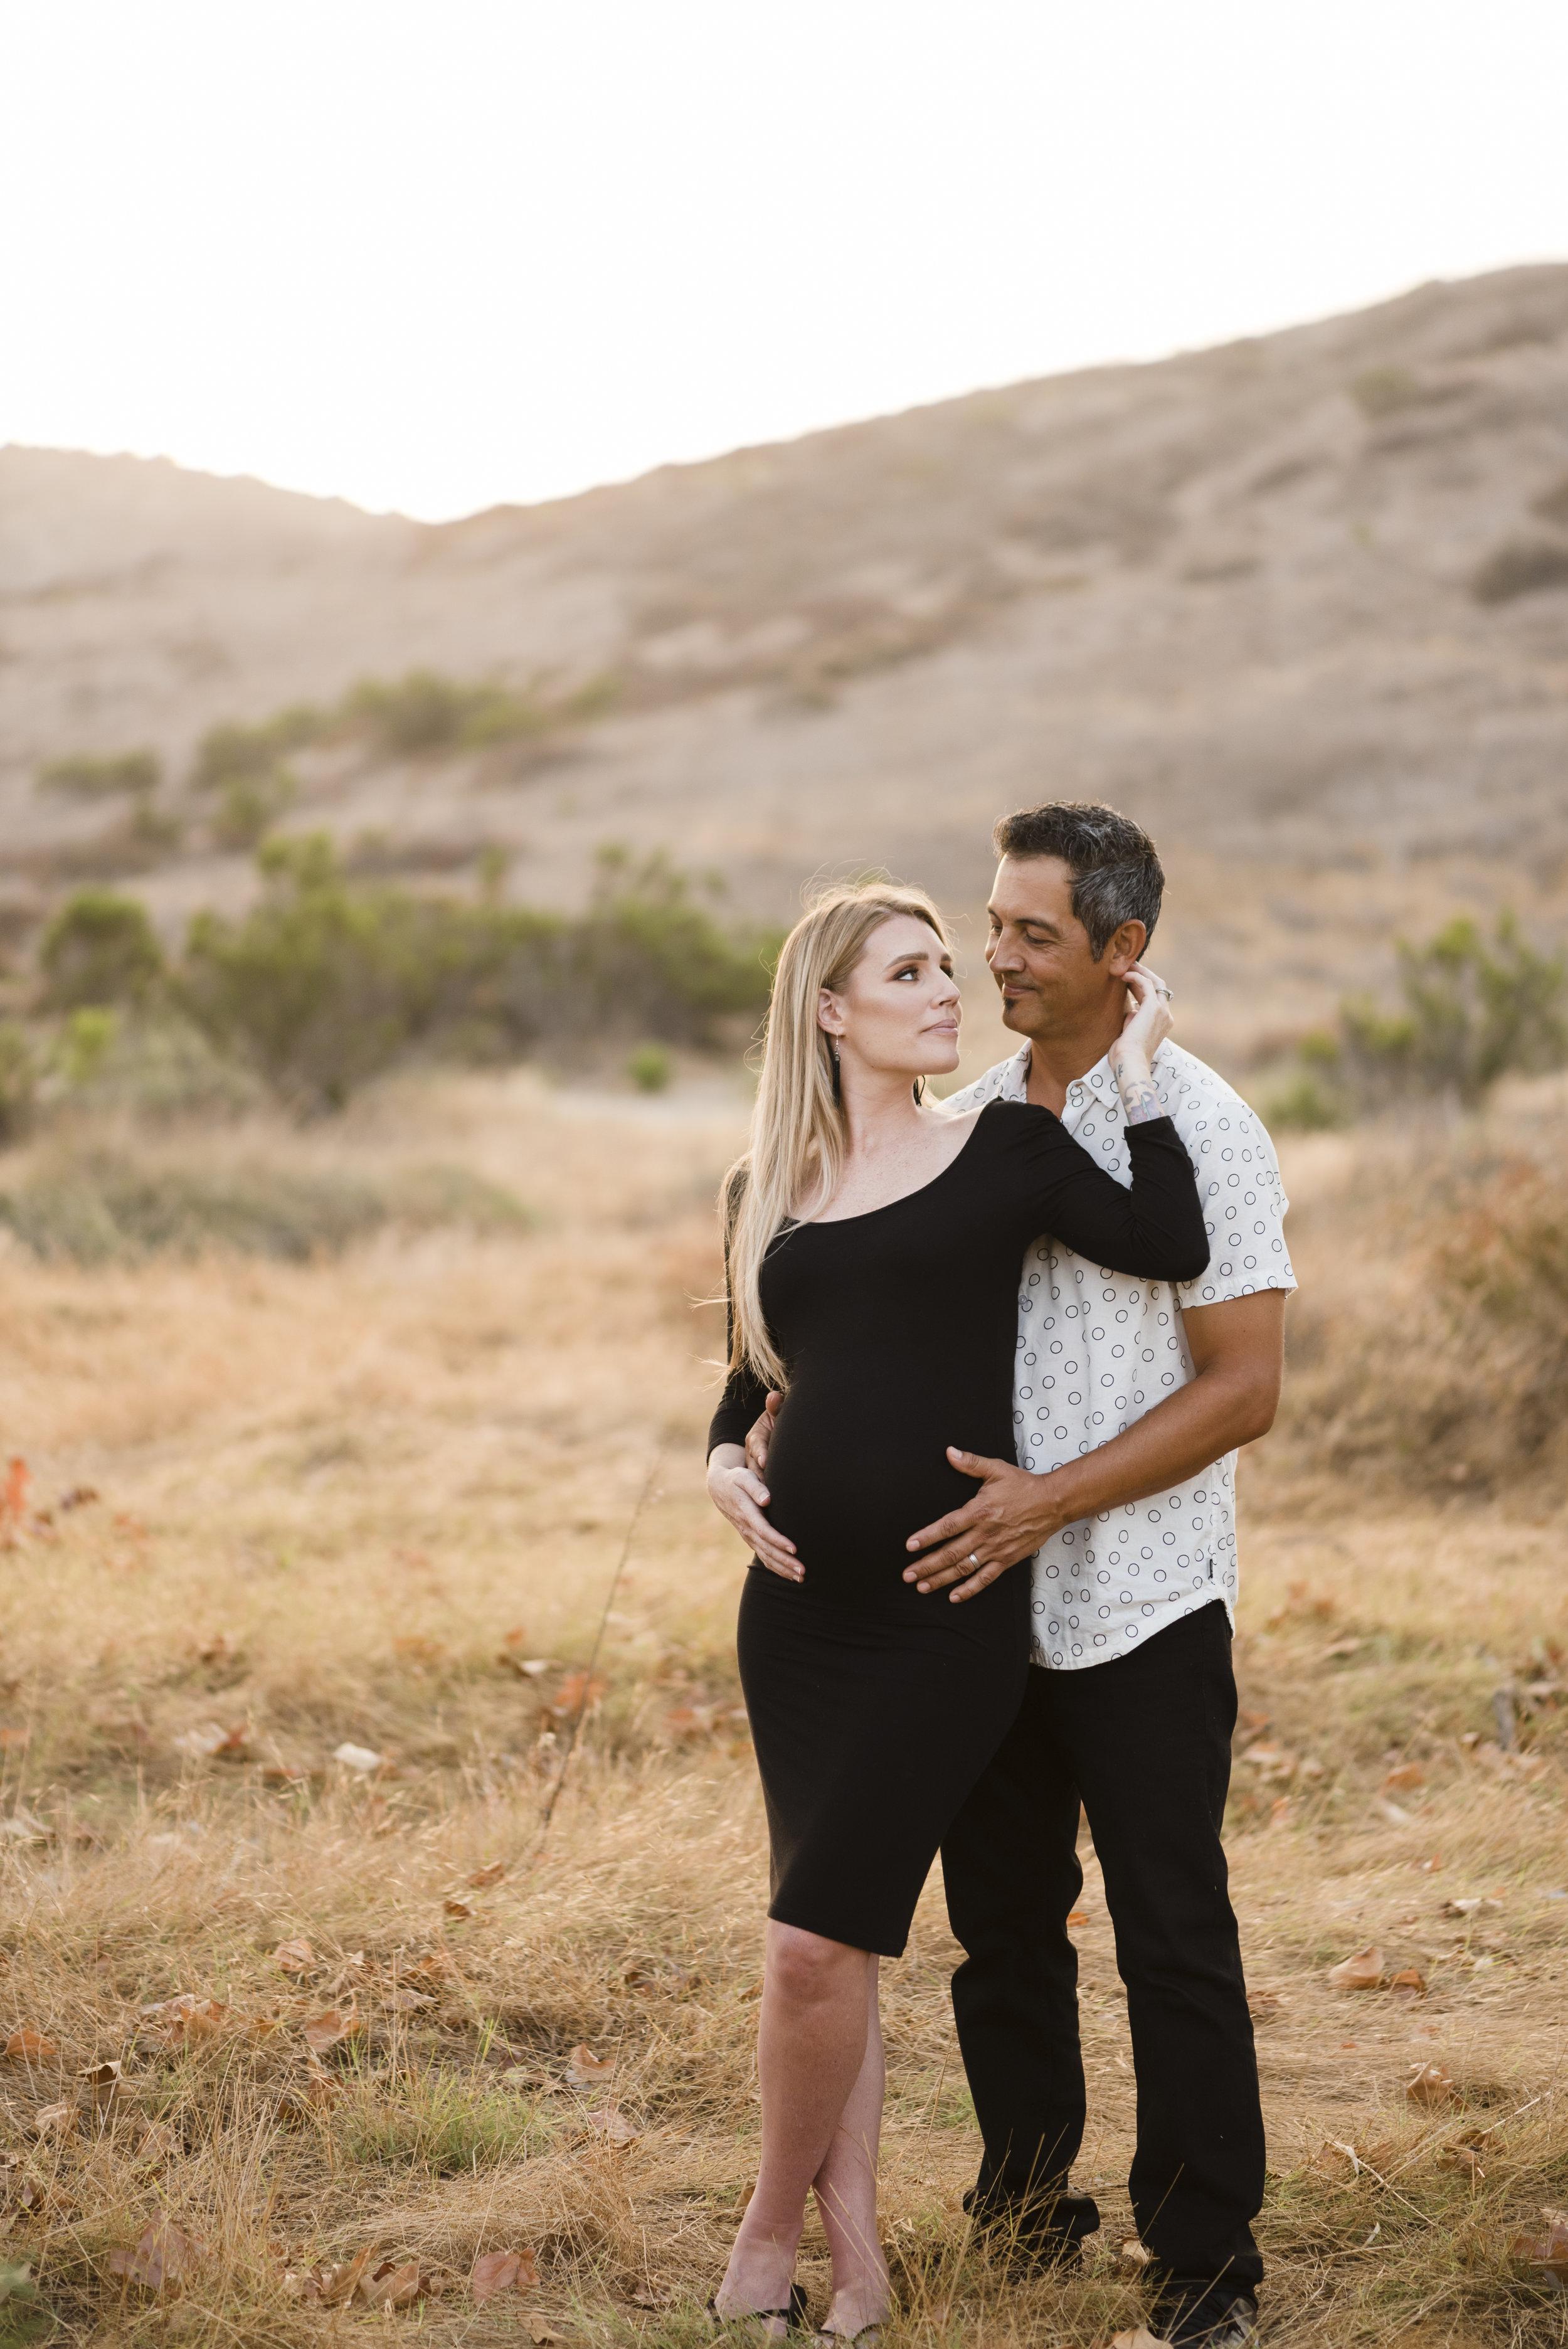 San Diego Maternity Photos10.jpg